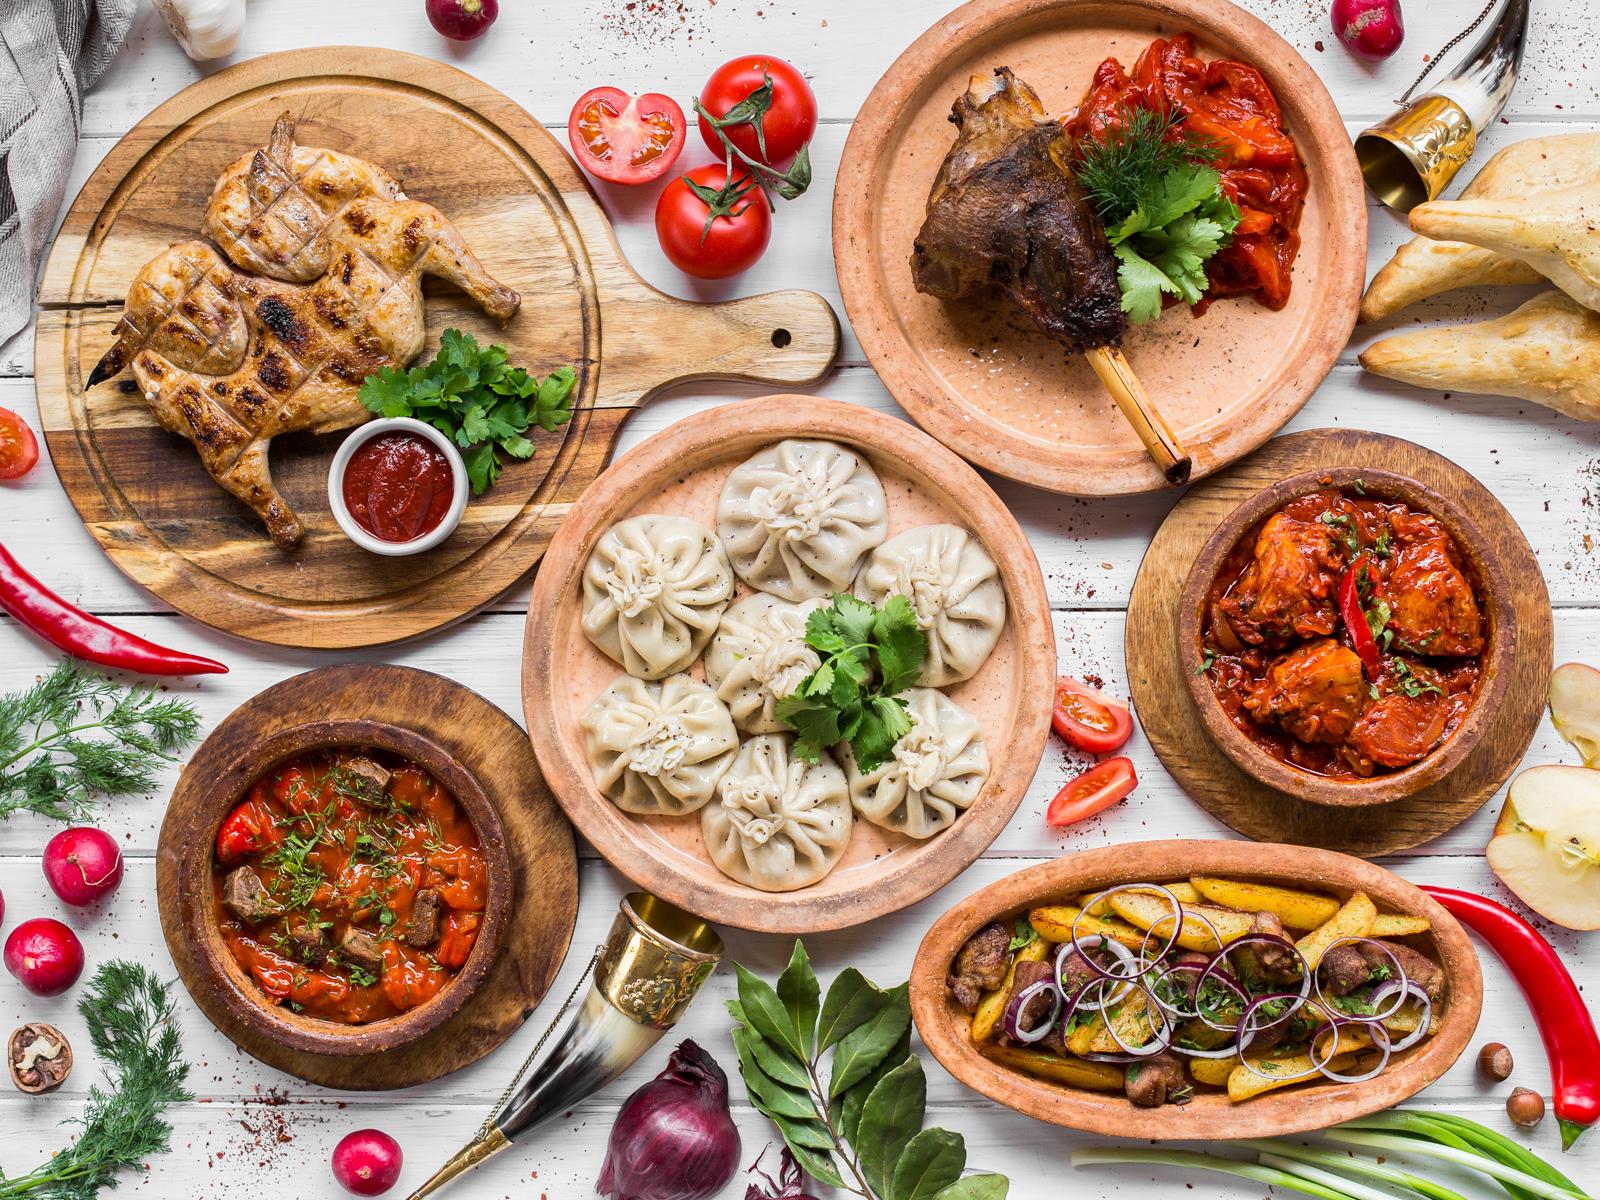 Аджарули грузинская кухня